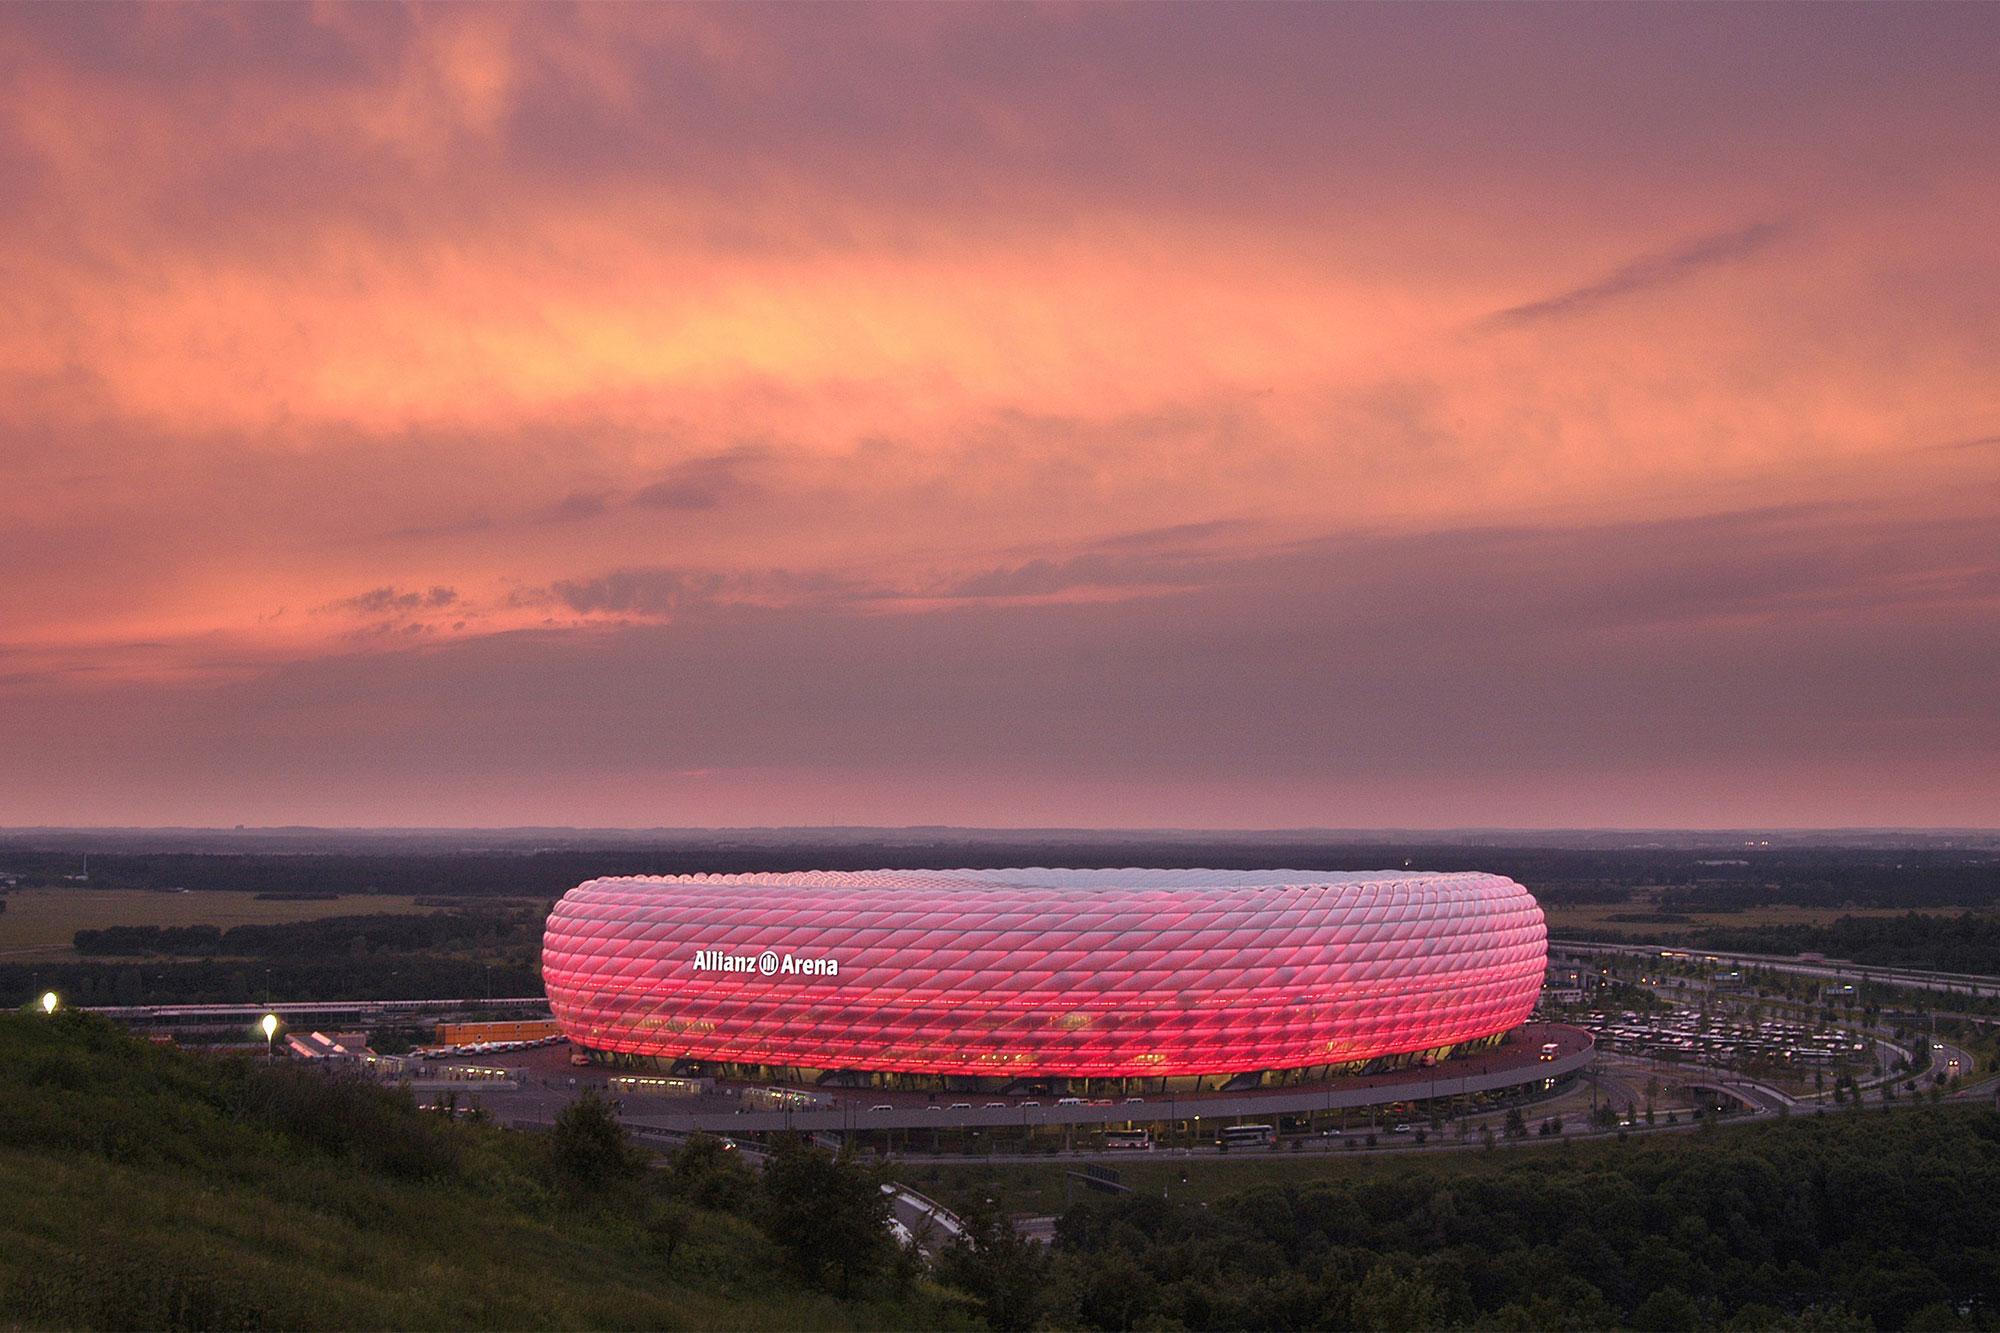 München Allianz Arena © Hans Schmied